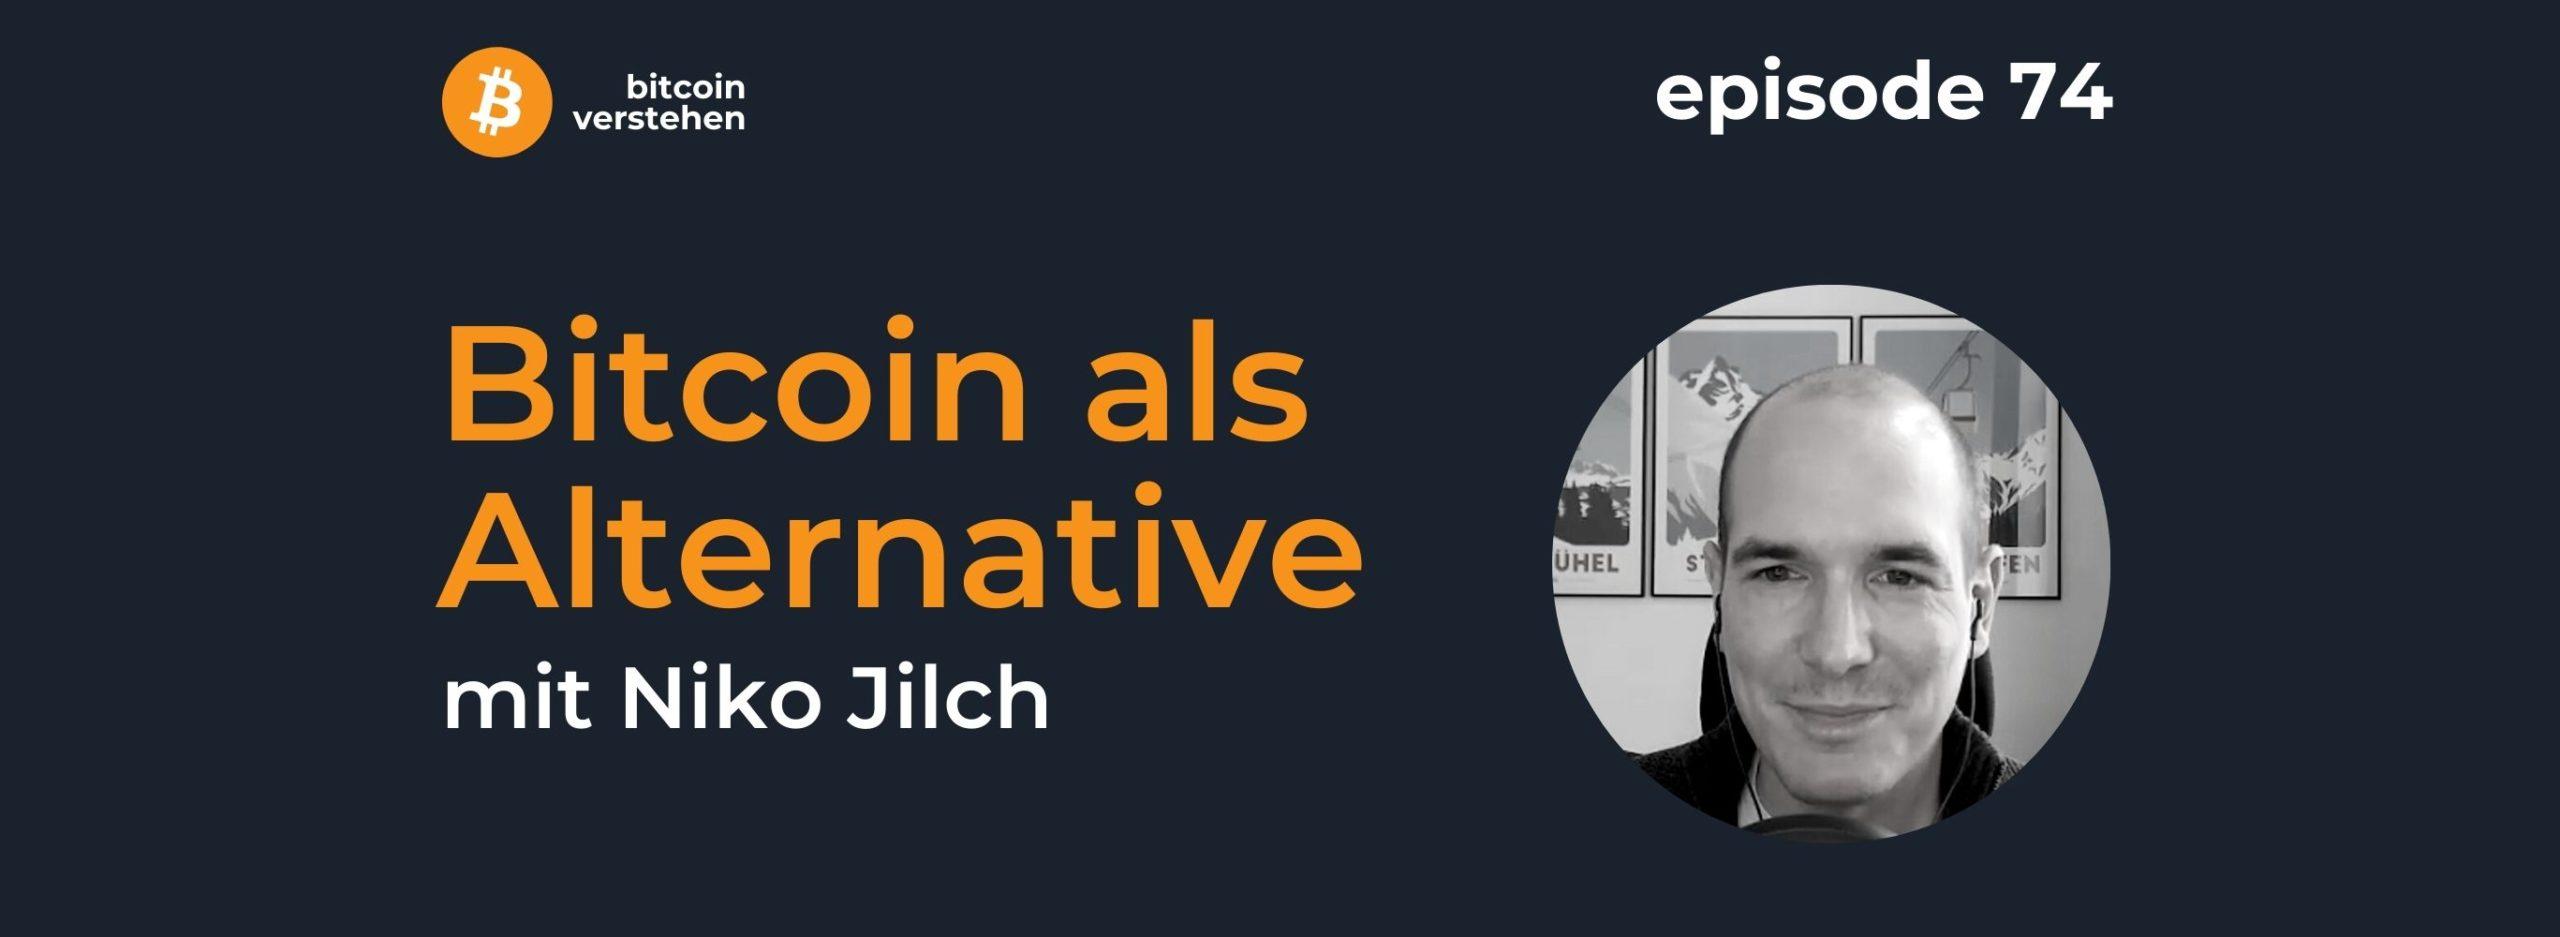 Episode 74 – Bitcoin als Alternative mit Niko Jilch